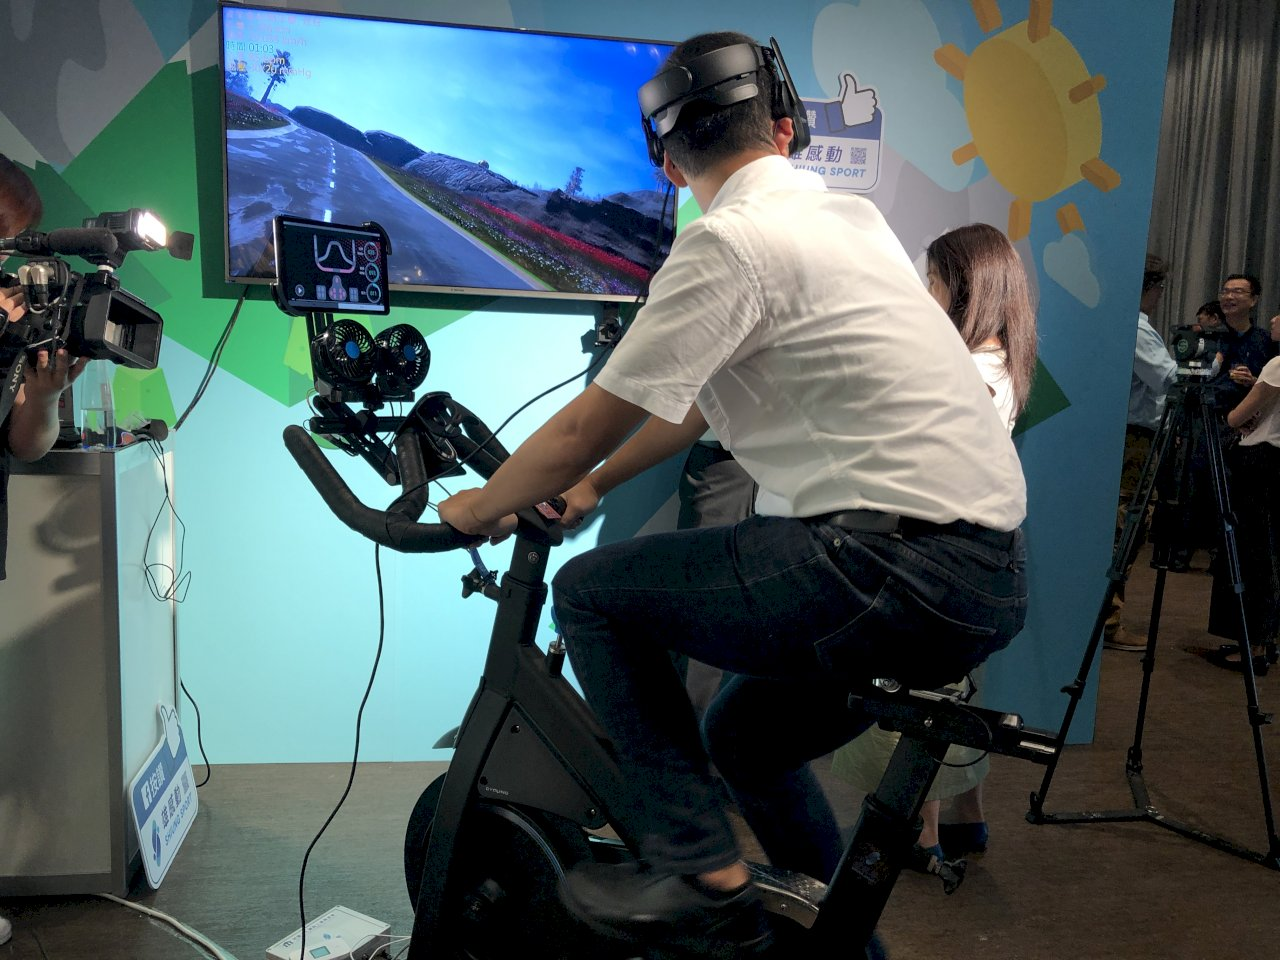 虛擬實境更進階 資策會VR飛輪帶你體驗環法自行車賽